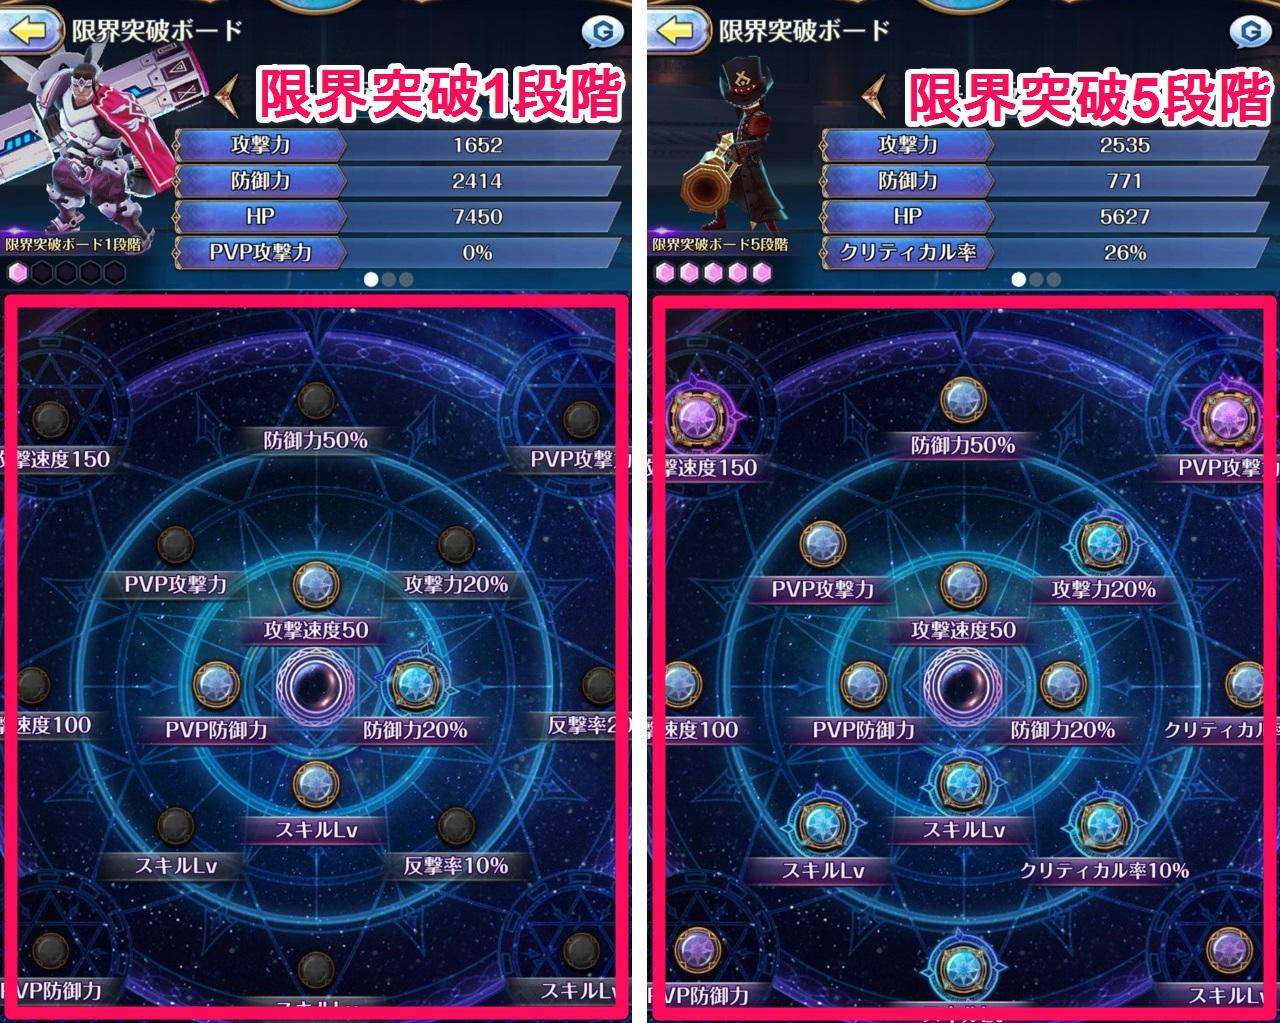 ナイクロ【攻略】: さいとうあみ式限界突破マニュアル